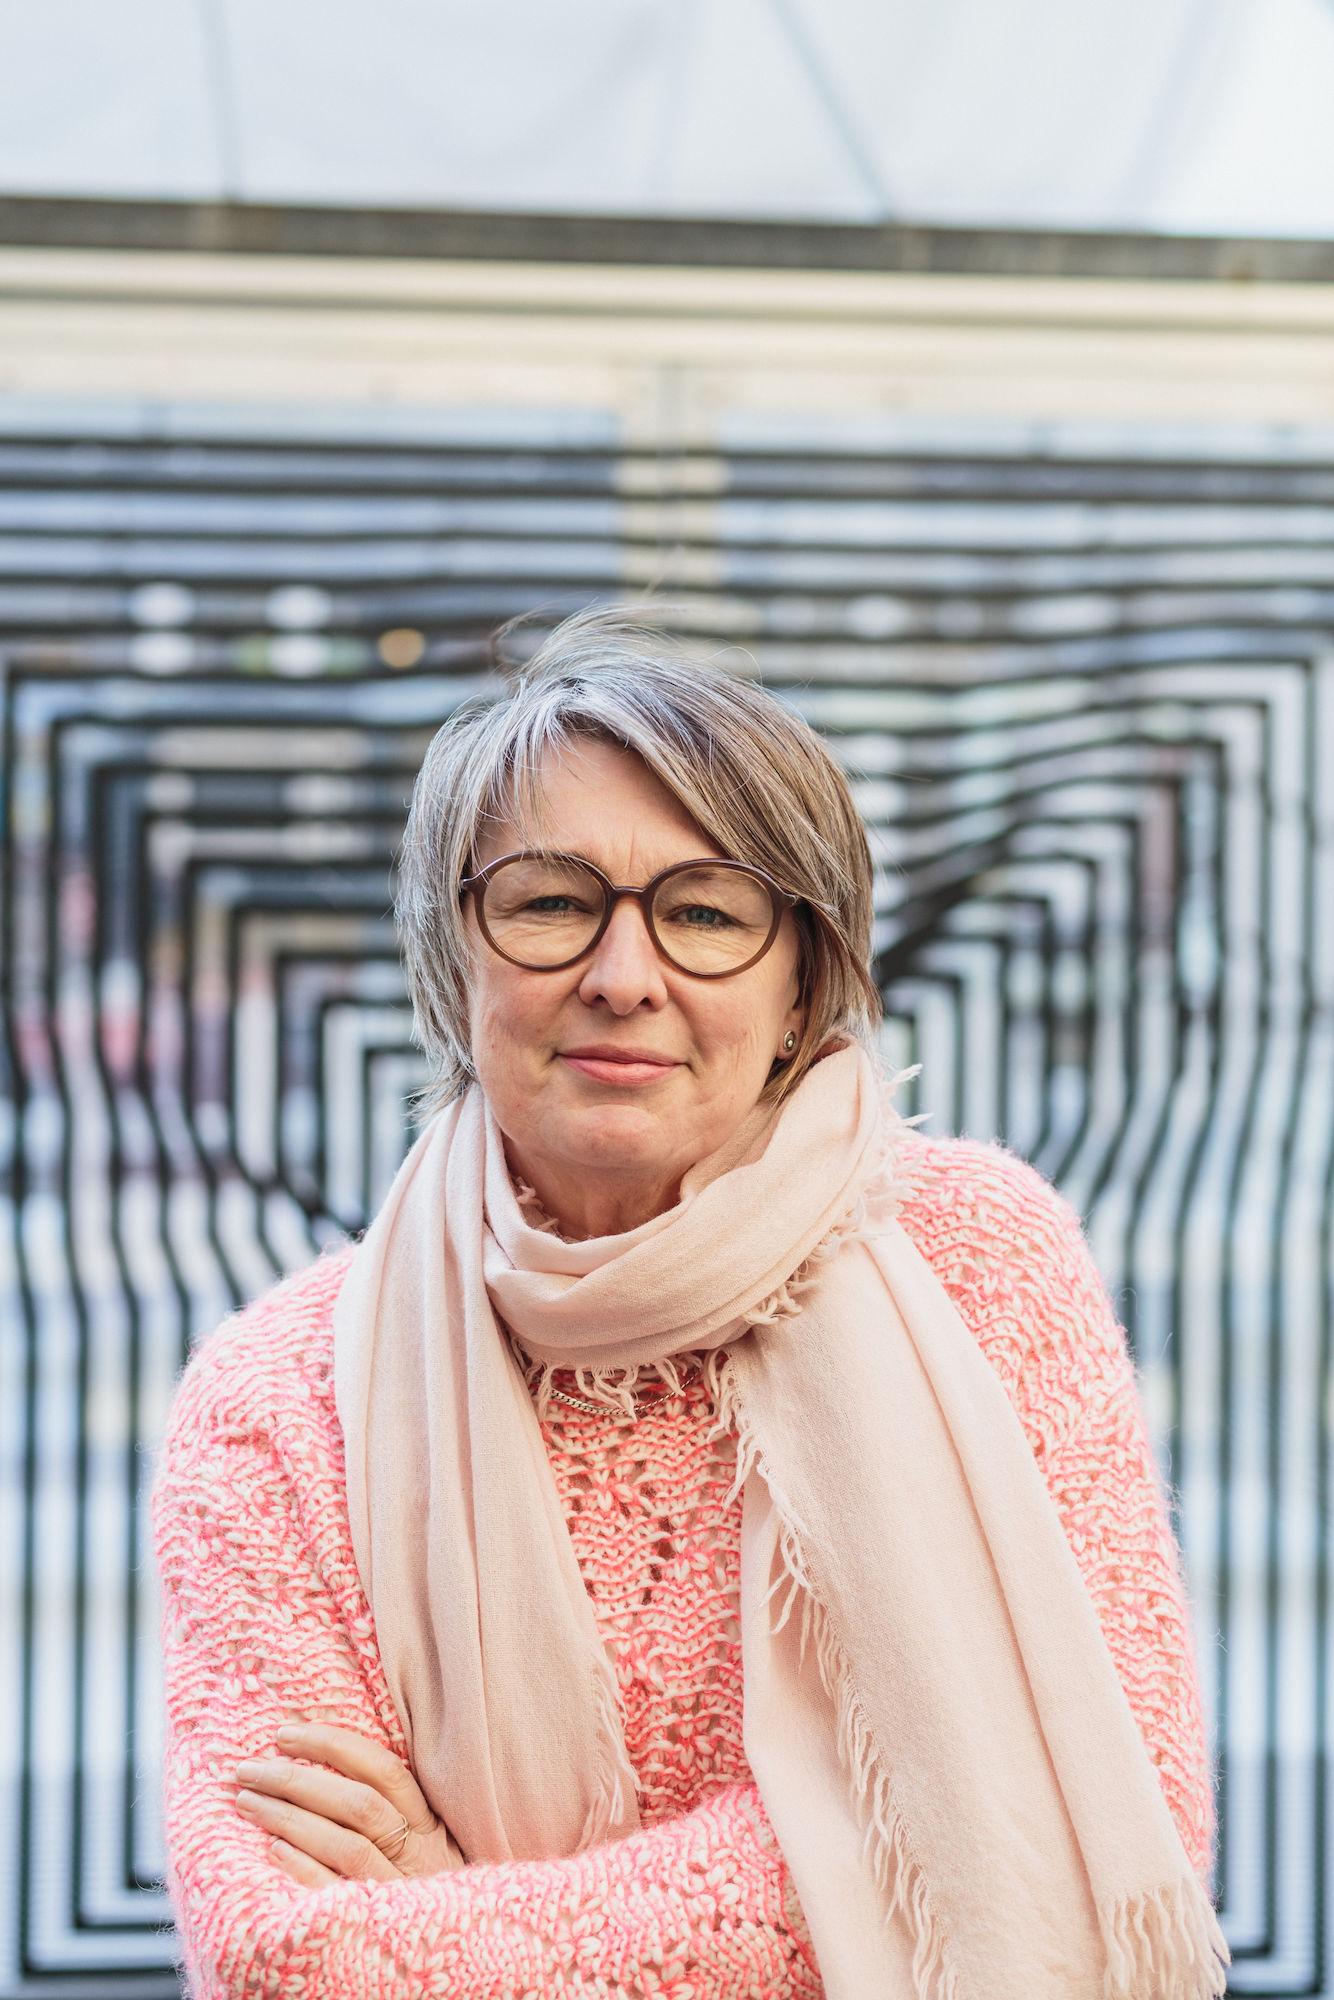 Portret Katrien Laporte